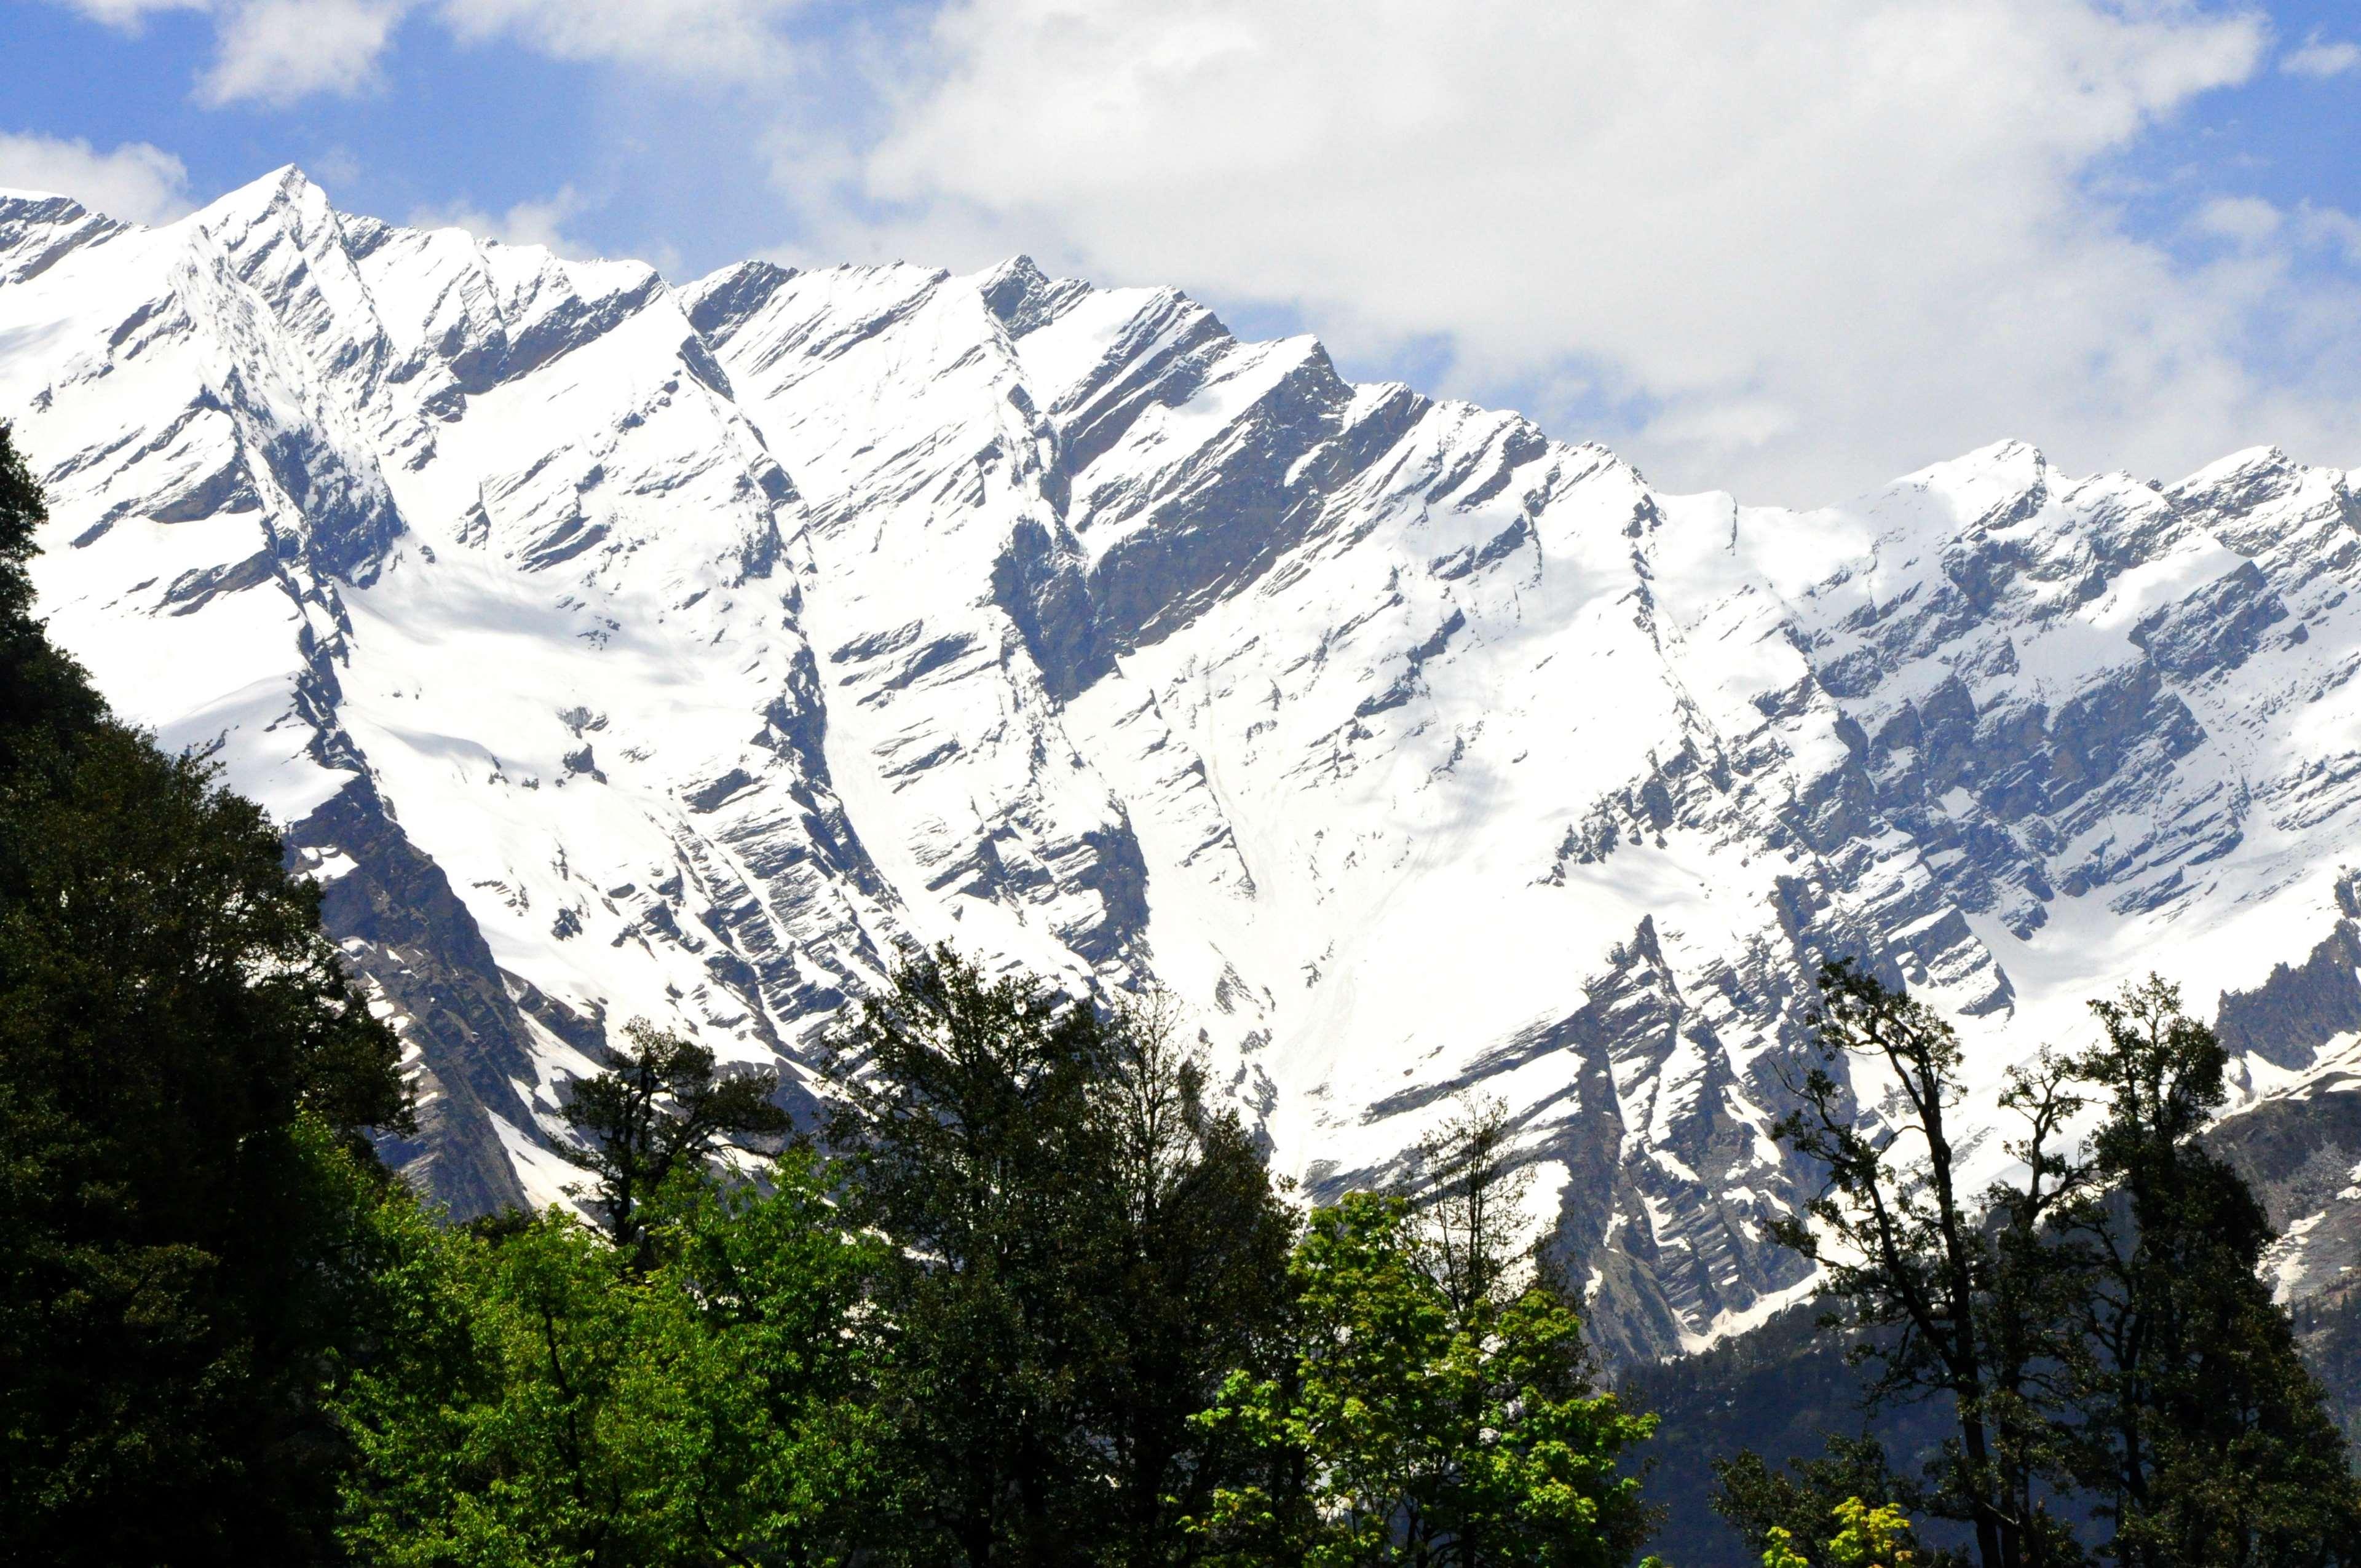 Mountain Mountain Top Snow Capped Mountains Winter   Manali 3840x2551